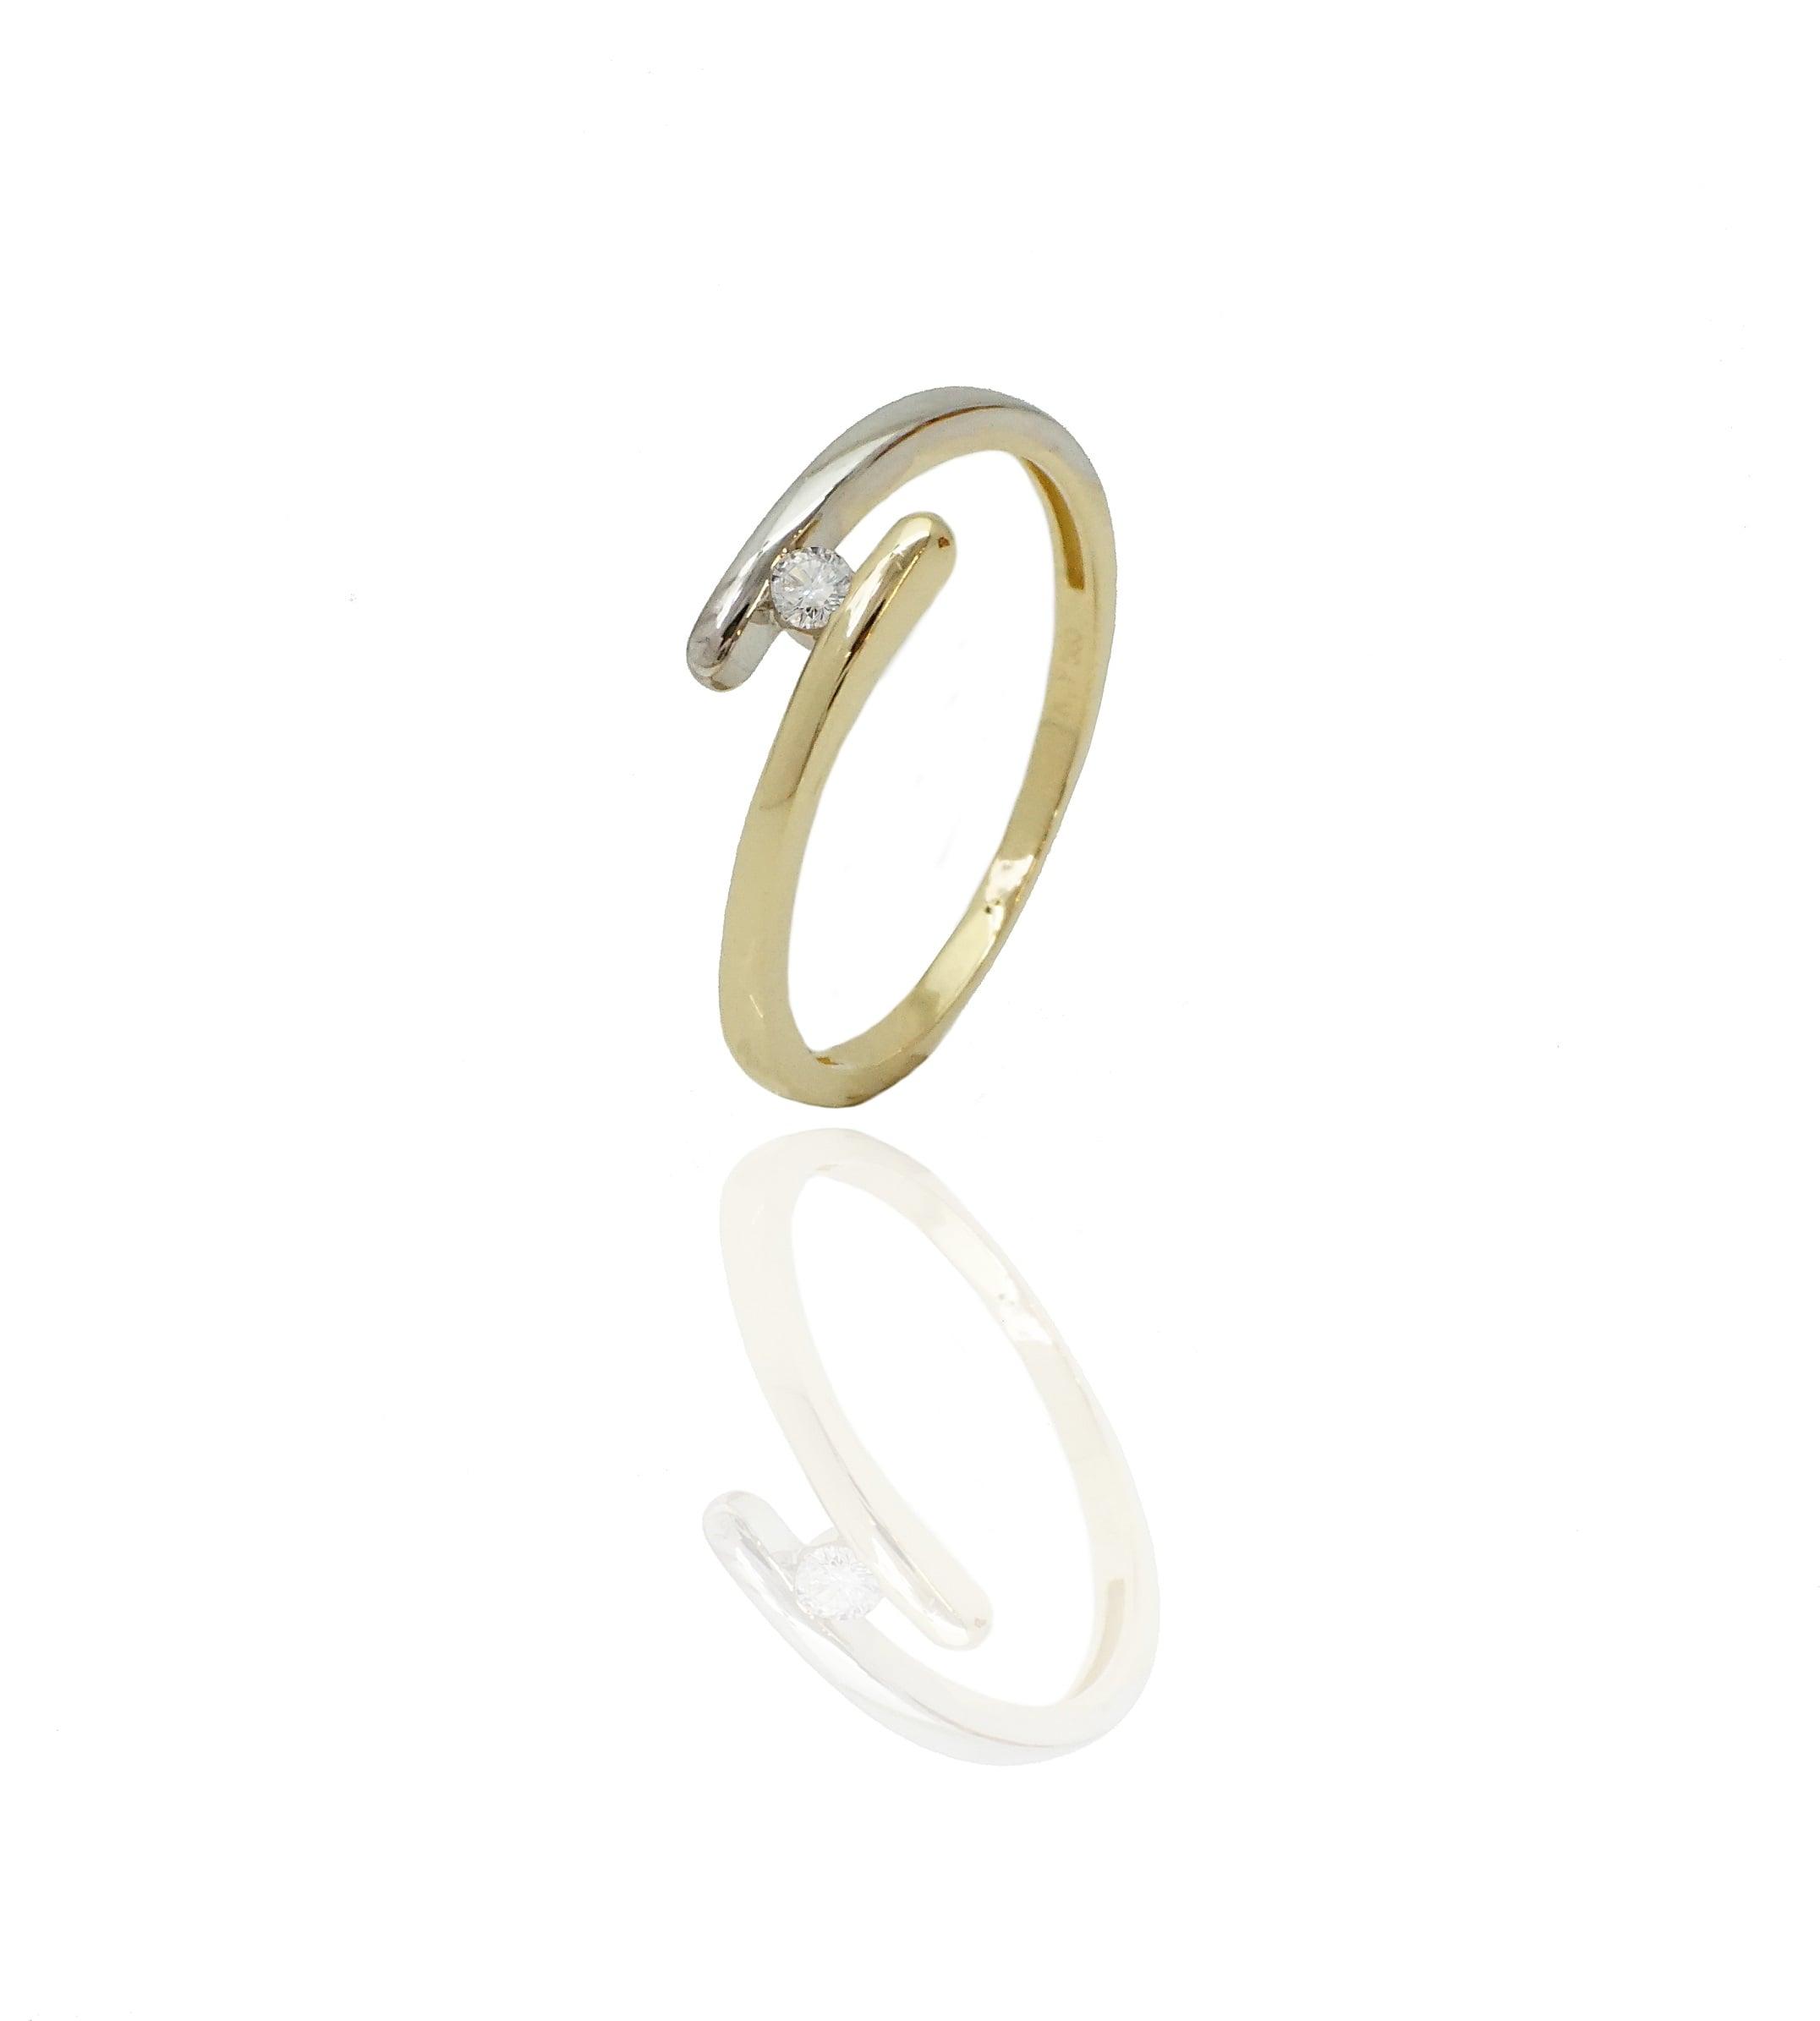 טבעת זהב צהוב ולבן עם זרקון 14 קאראט